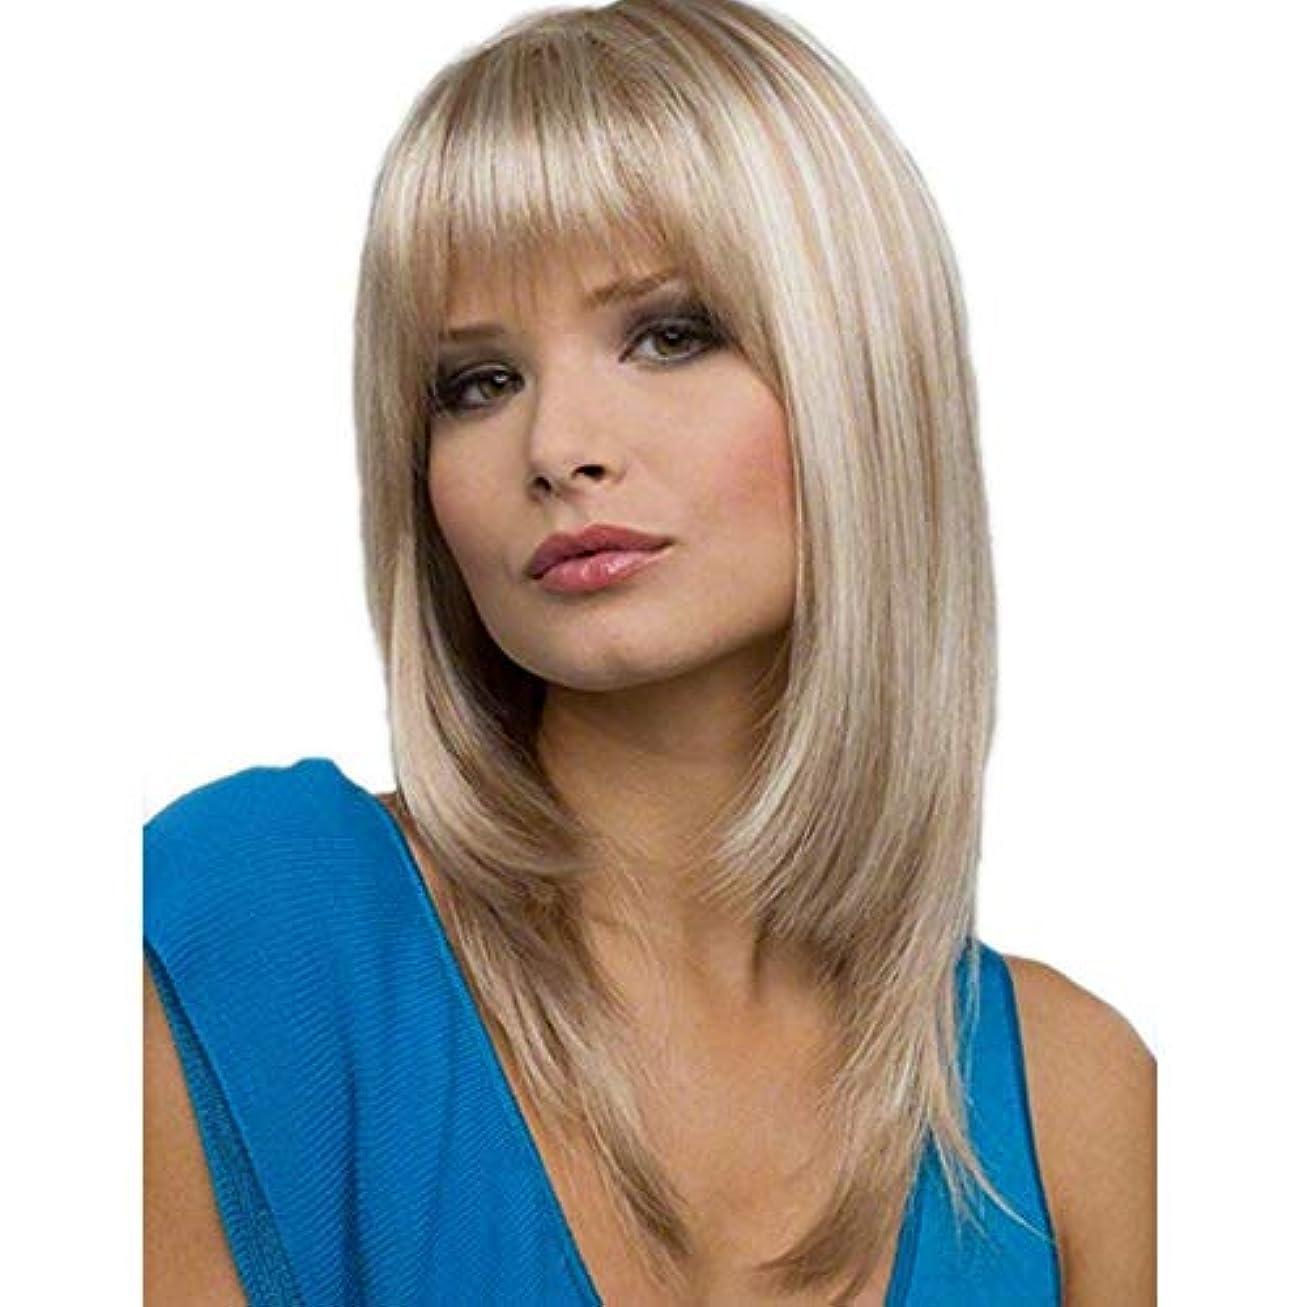 ヒューズリサイクルする精査するWASAIO ブロンドの髪のトレンド - ショートストレートヘア (色 : Blonde)